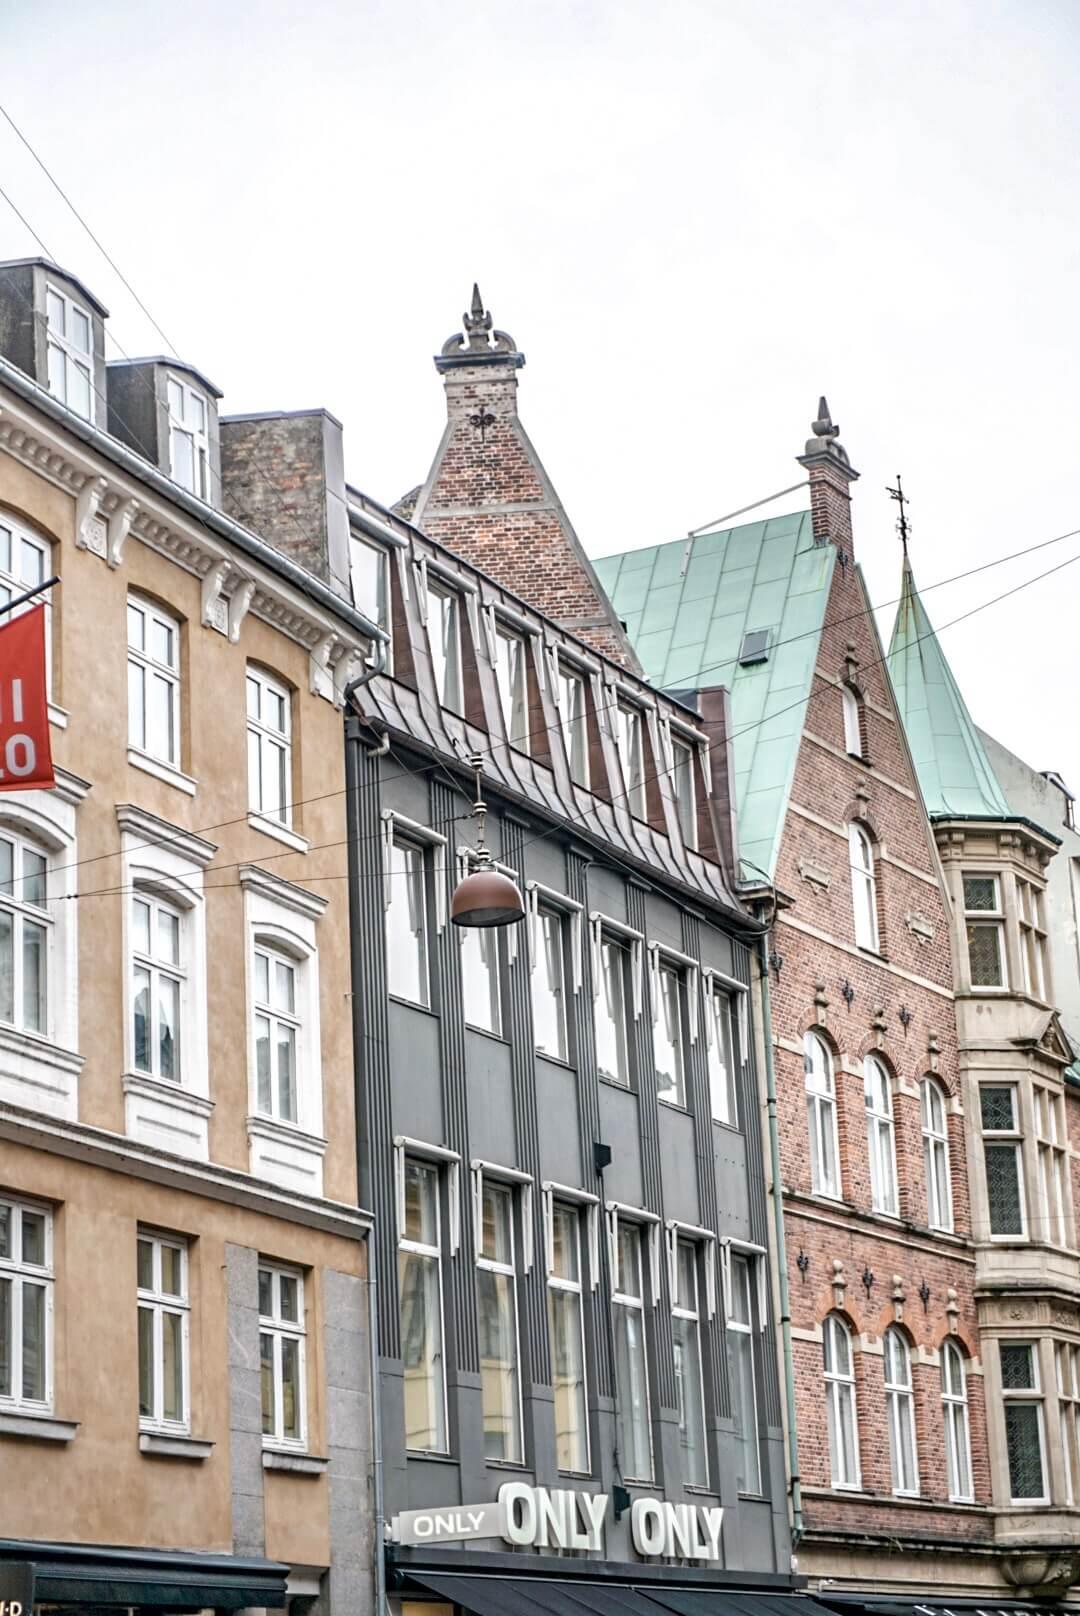 maisons colorées copenhague danemark architecture weekend